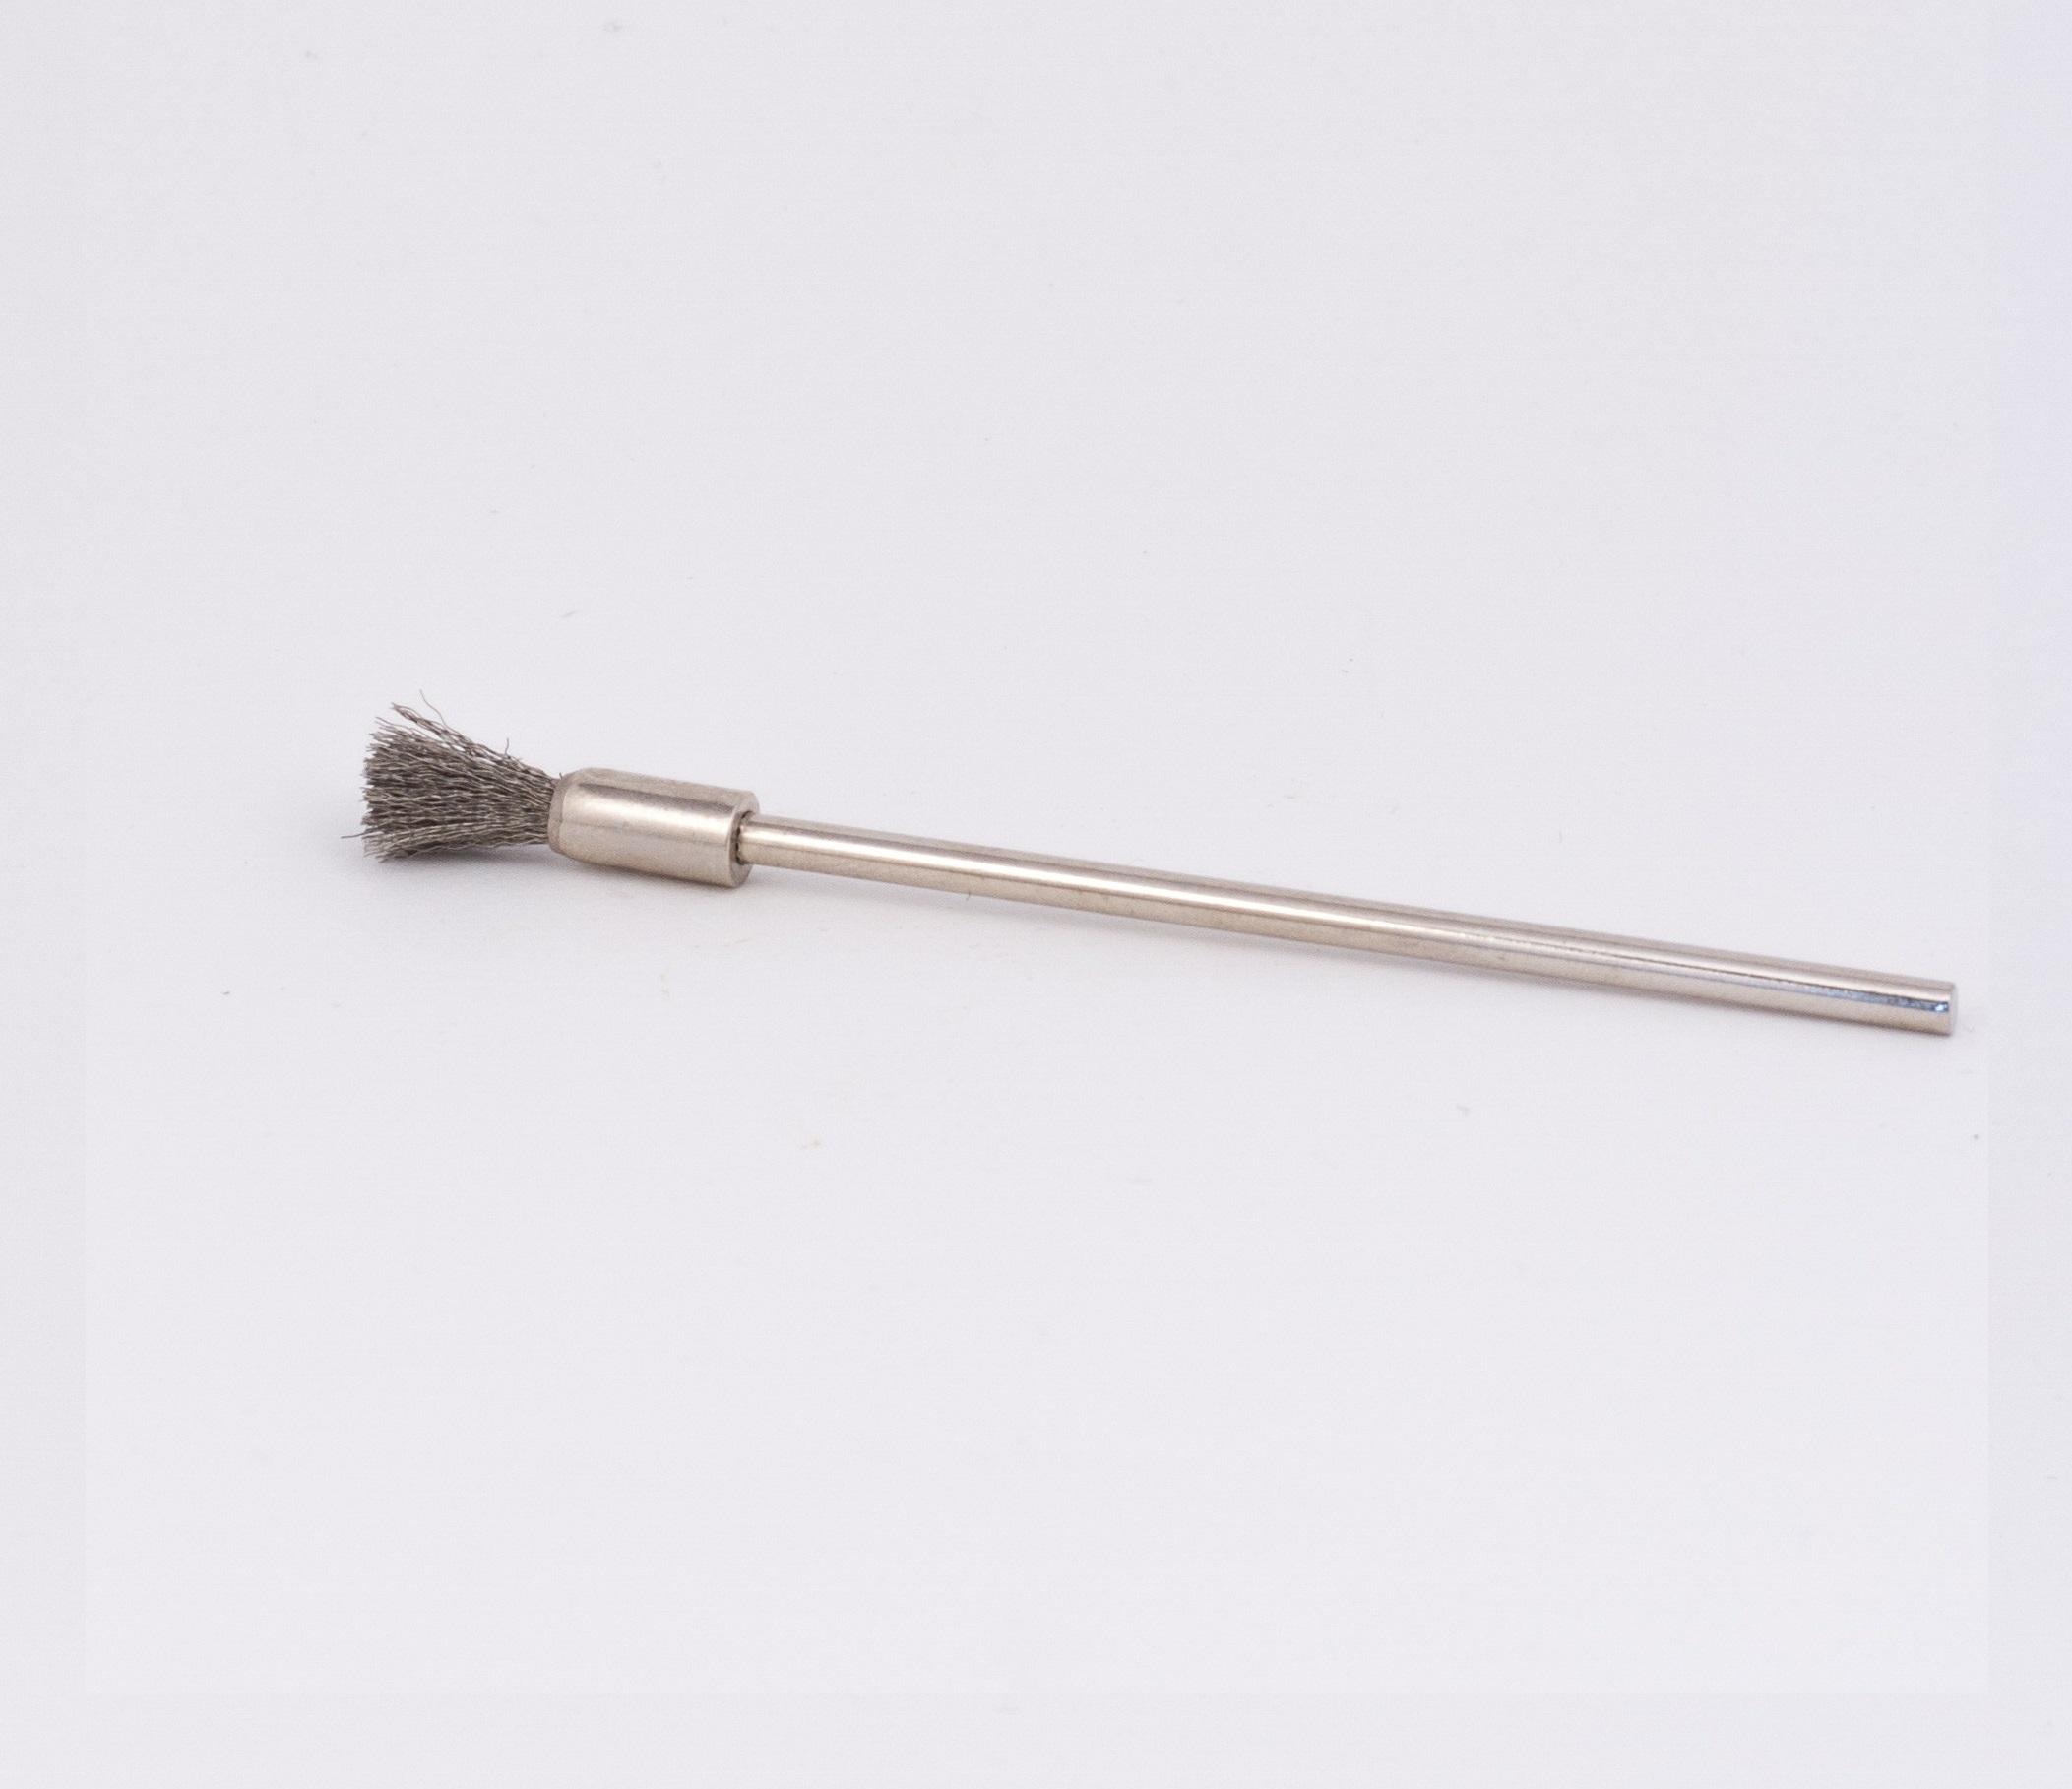 De Coil Borstel is een handige metaal borstel om je coils goed schoon te krijgen voordat u de katoen gaat vervangen.